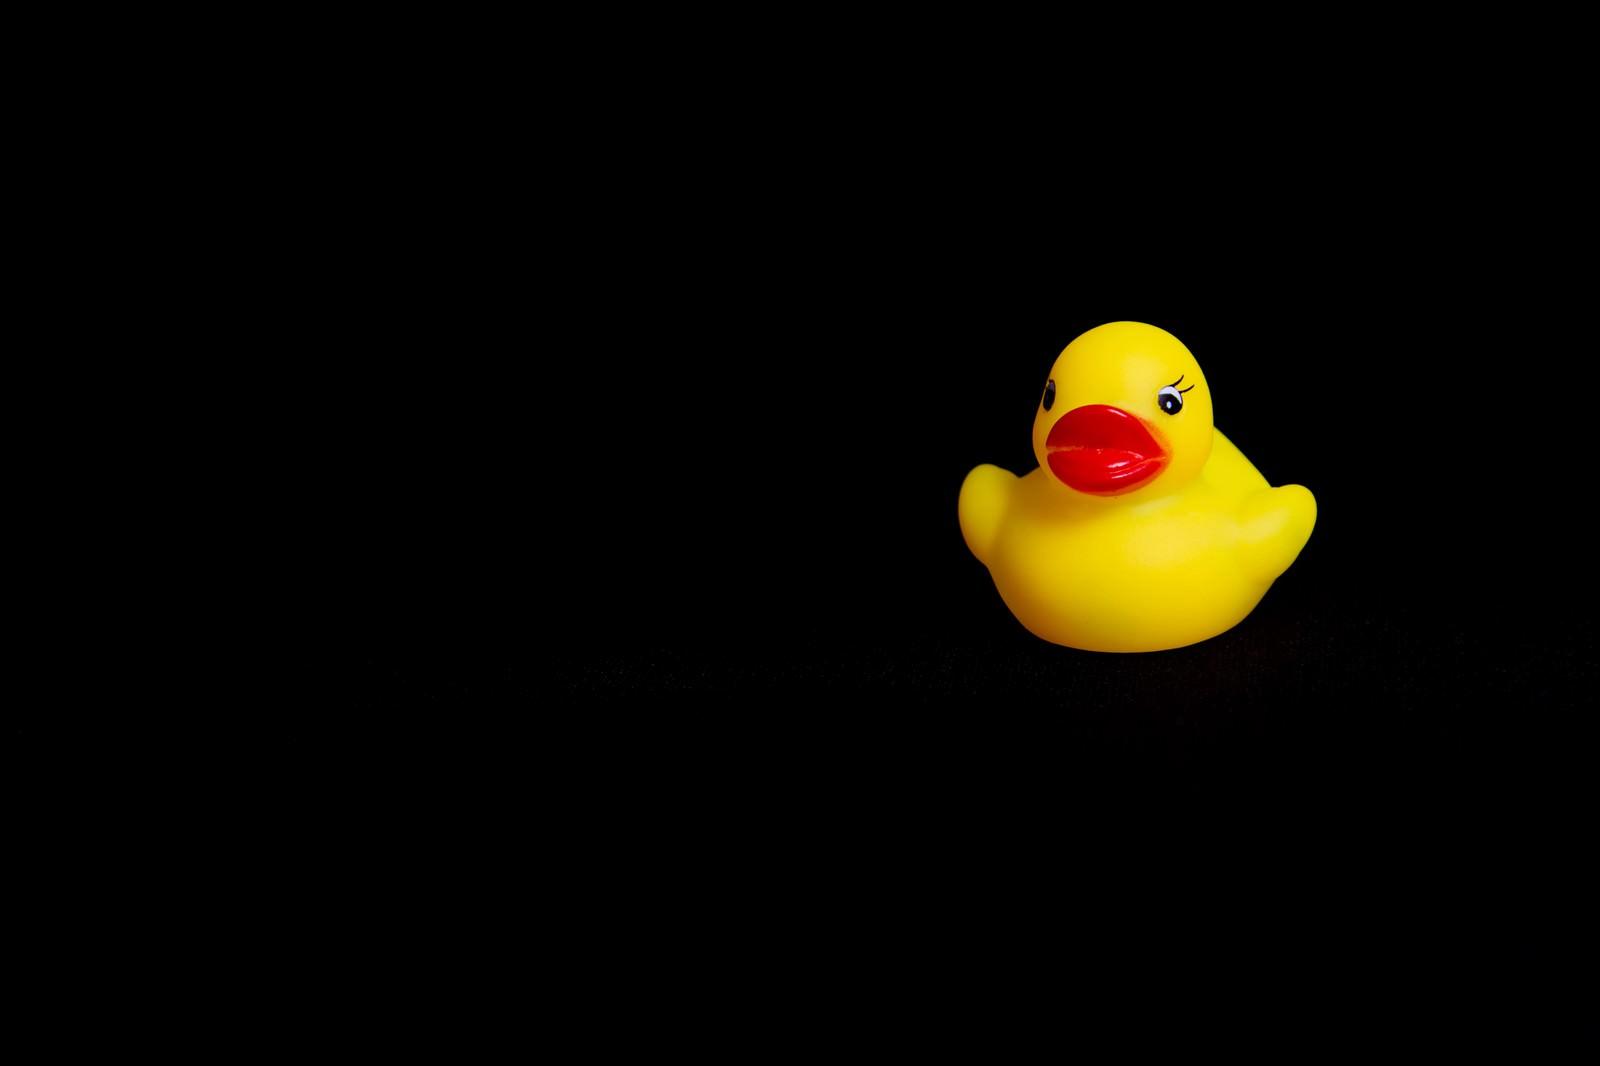 「暗闇のあひるちゃん1羽」の写真